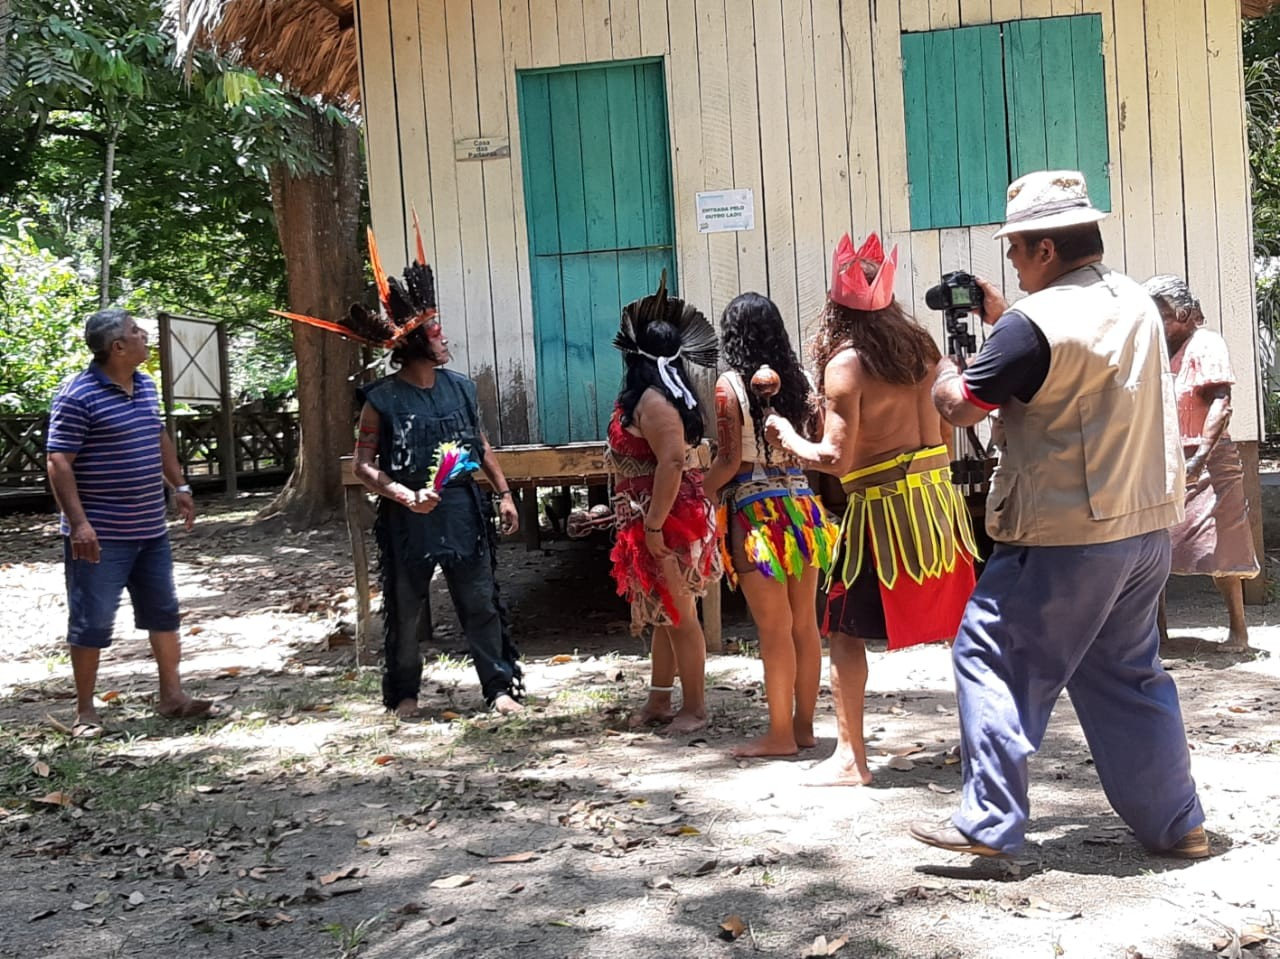 Folclore amapaense é retratado com drama e comédia em curta-metragem independente - Notícias - Plantão Diário